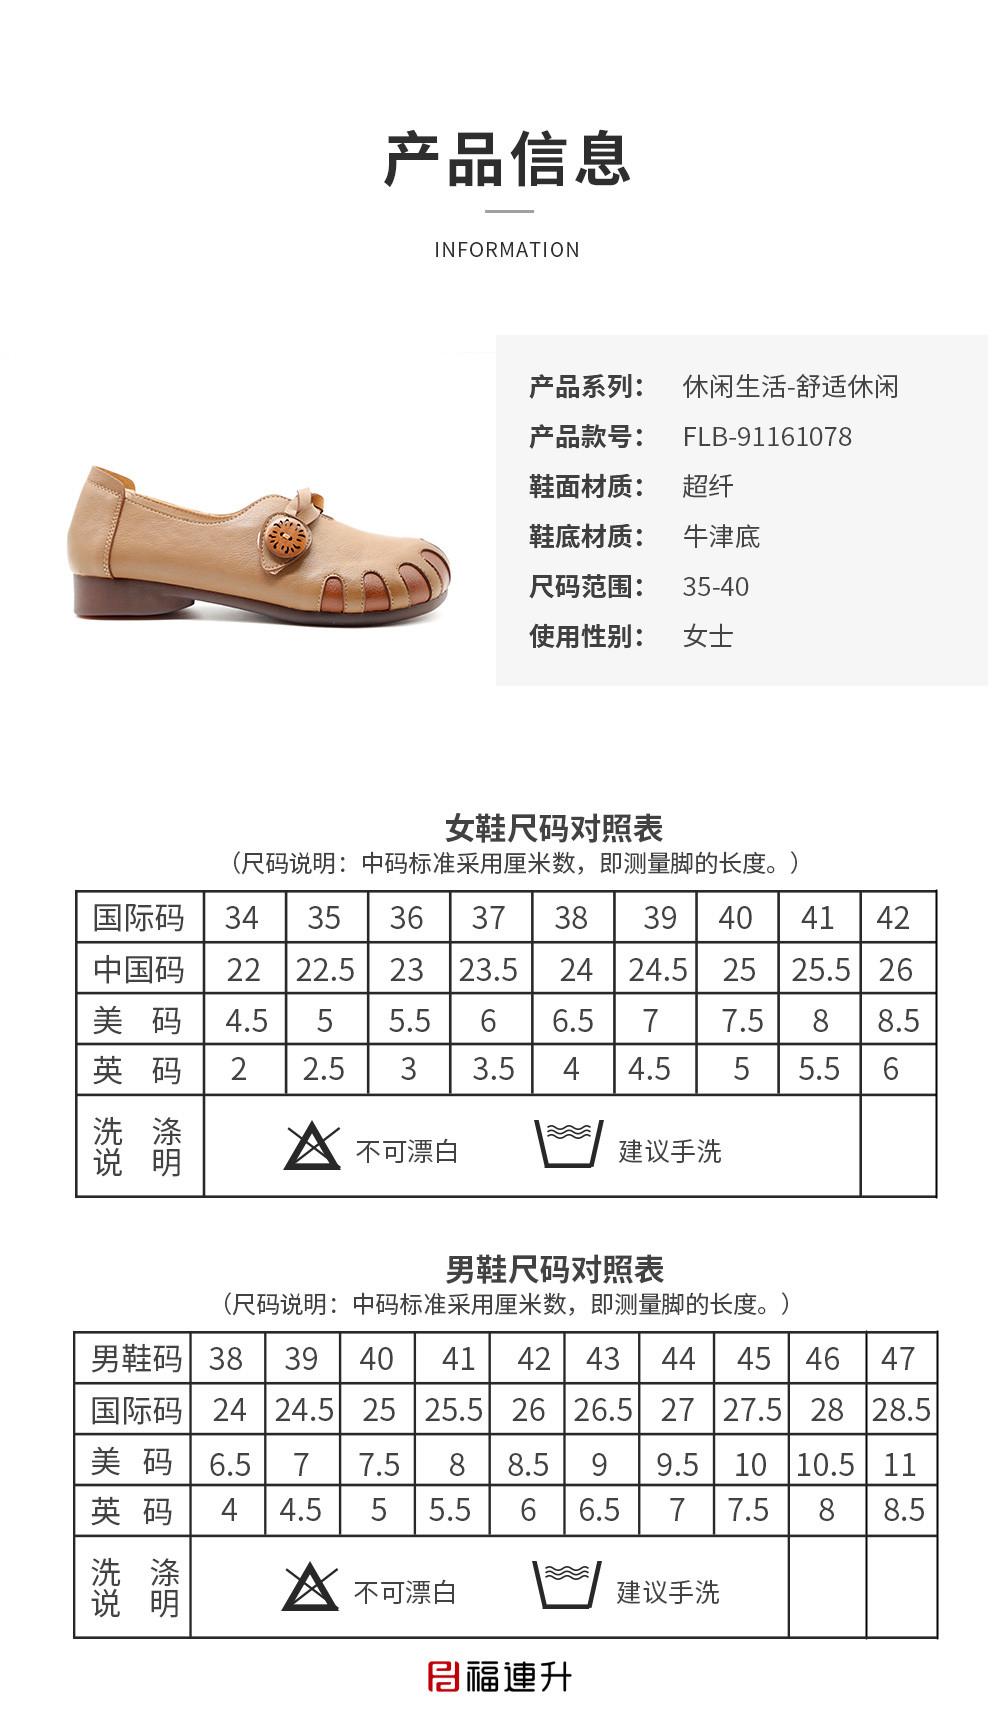 福连升休闲鞋女鞋舒适软牛筋平底妈妈鞋单鞋女式复古图片